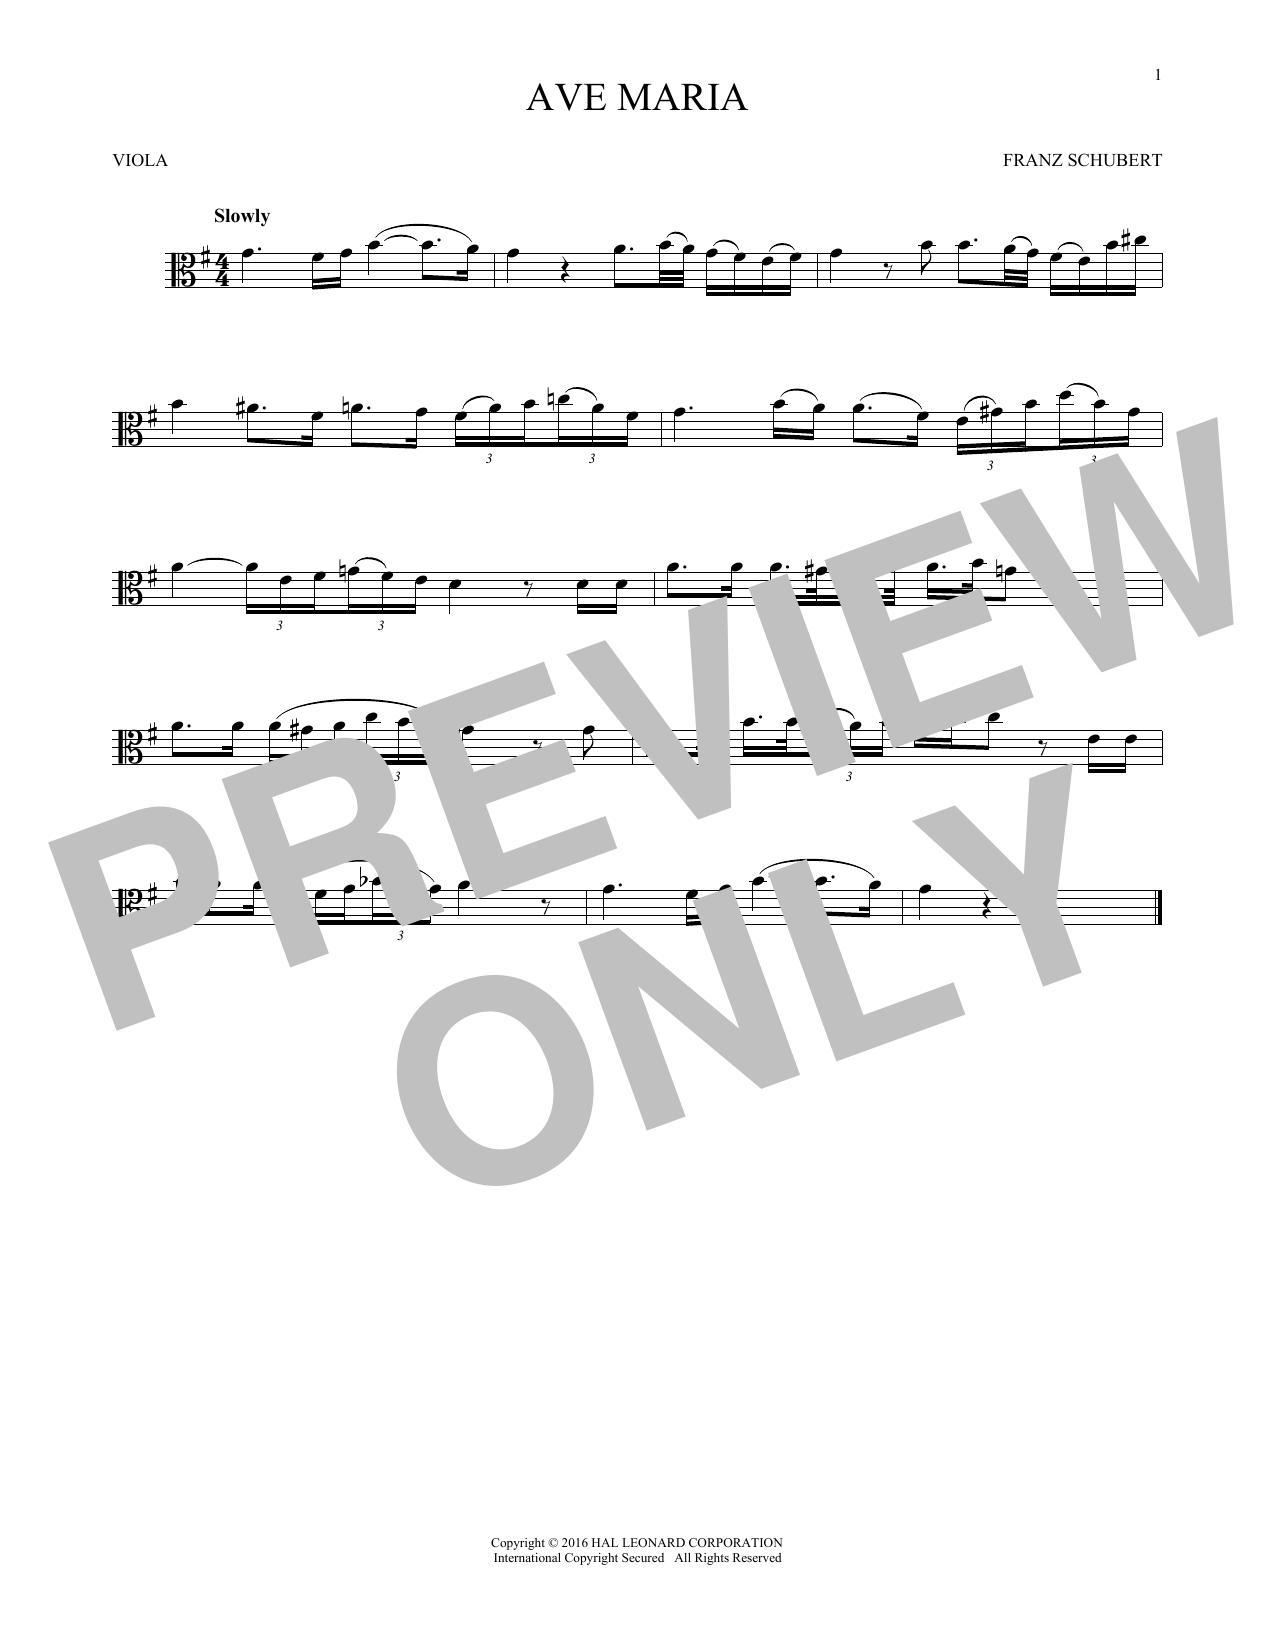 Ave Maria, Op. 52, No. 6 (Viola Solo)